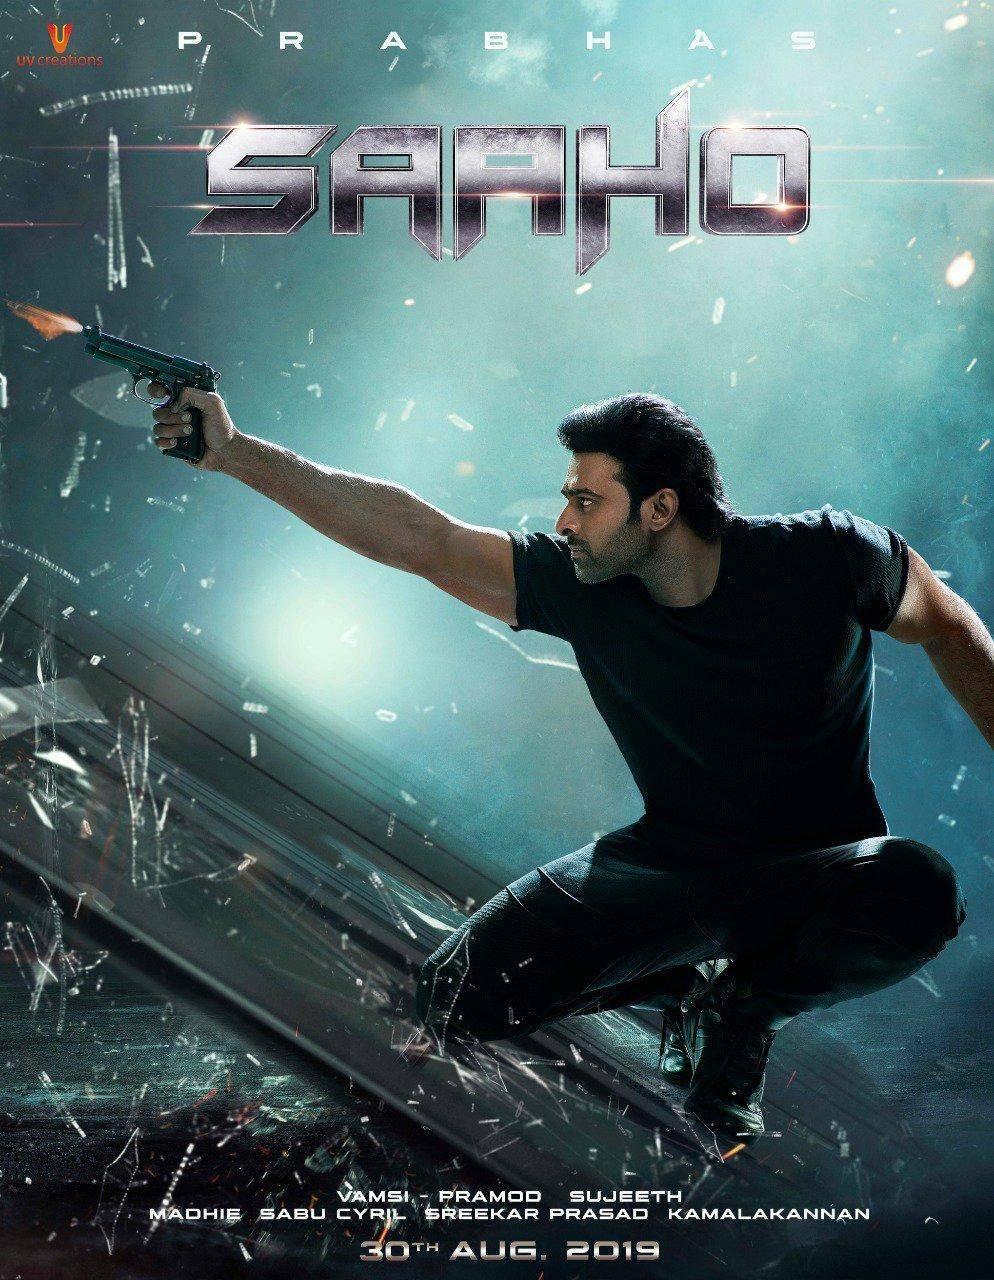 फिल्म साहो के रिलीज से पहले रिलीज हुआ धमाकेदार पोस्टर, किलर लुक में दिखें प्रभास और श्रद्धा!